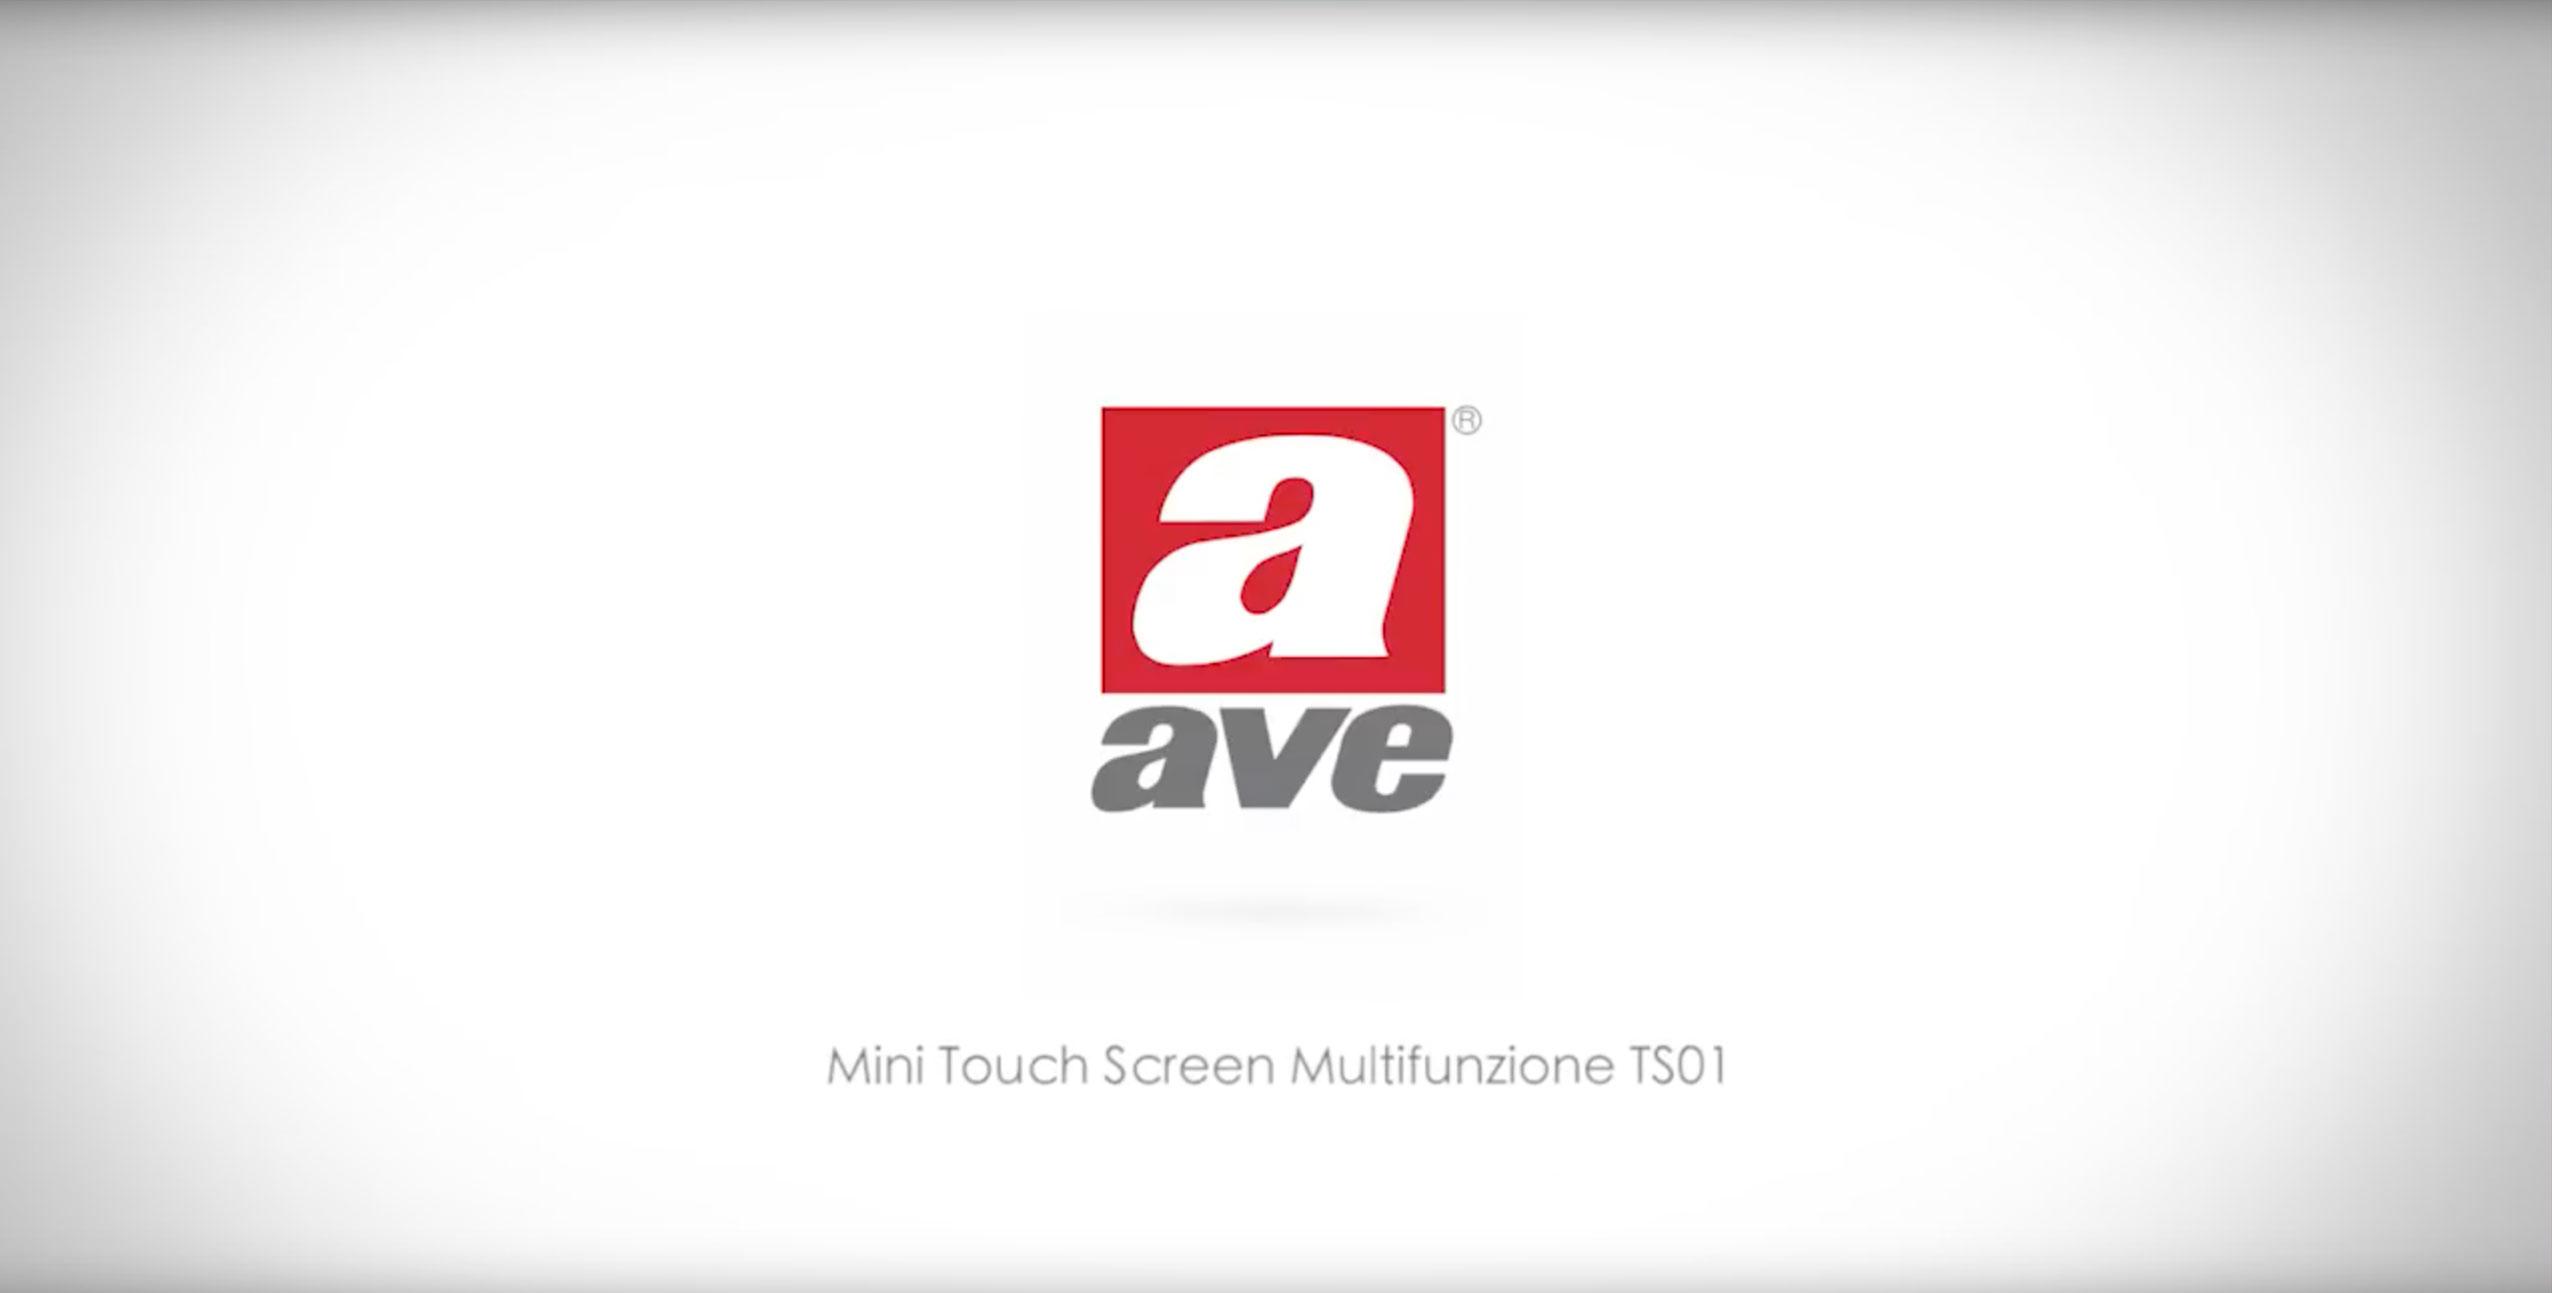 Mini TouchScreen domotico Multifunzione TS01